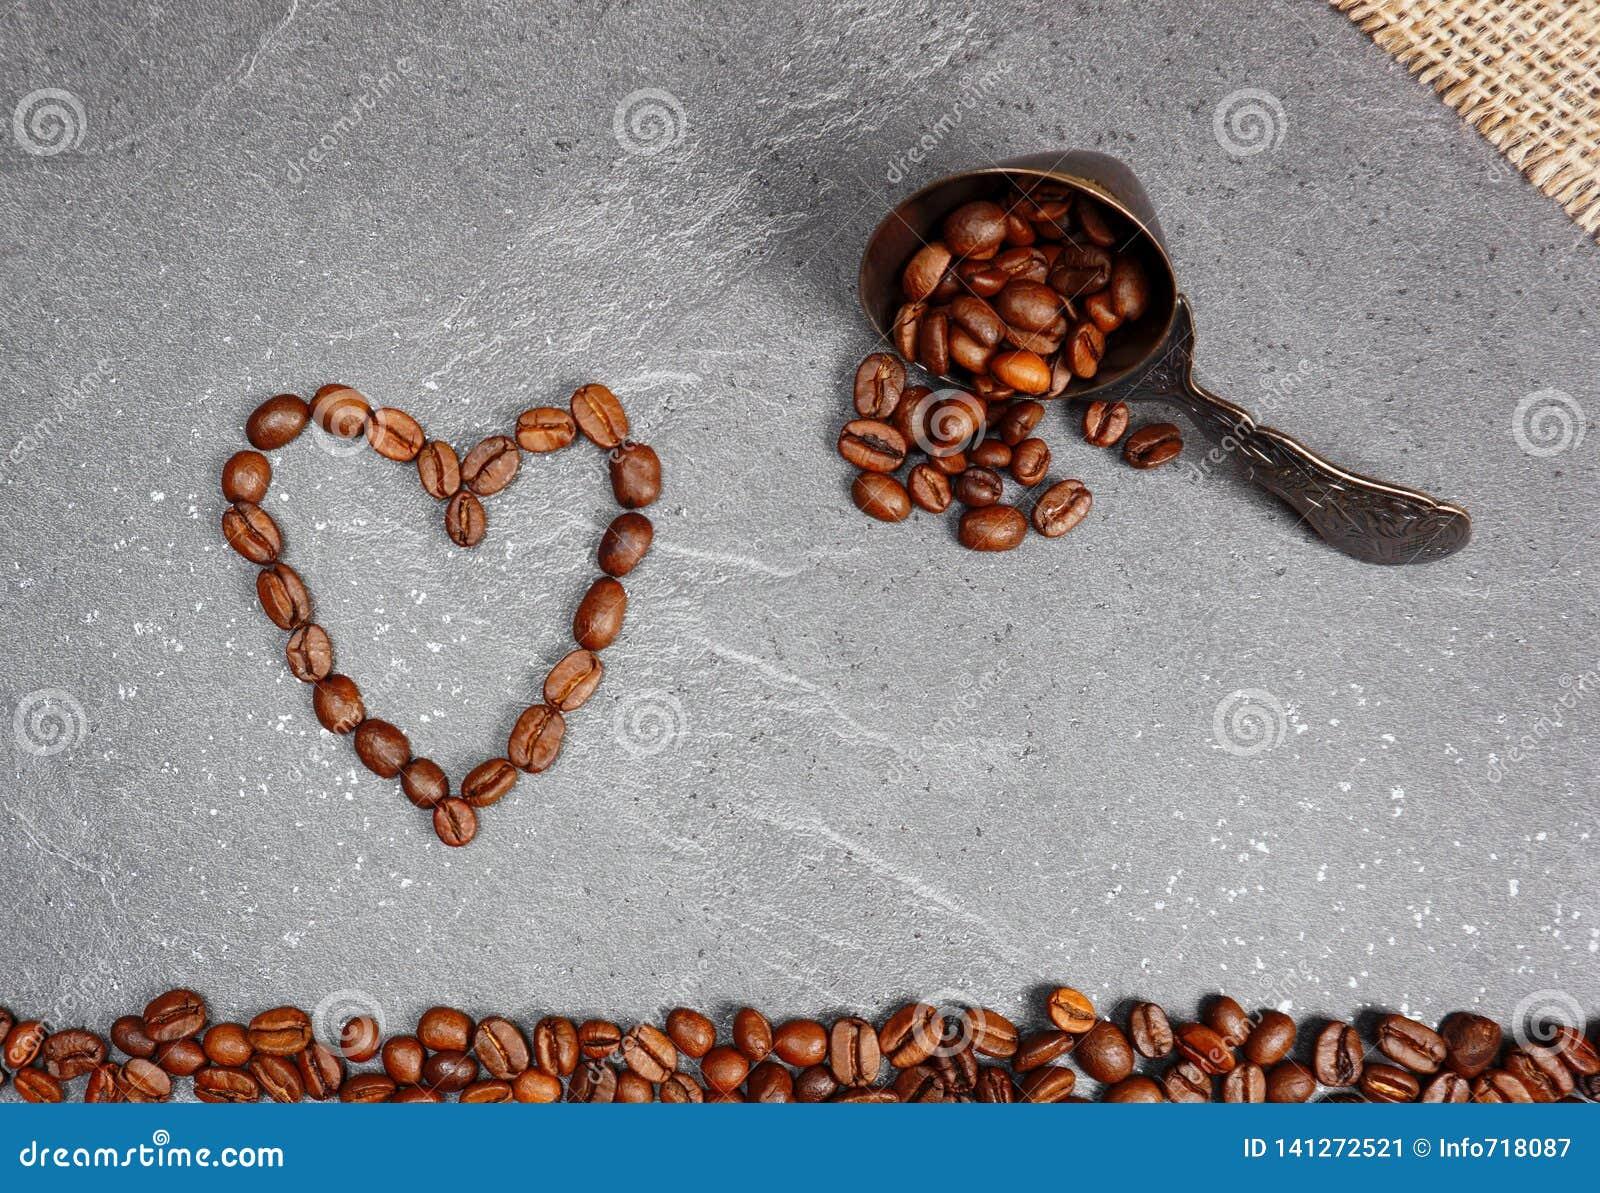 Les grains de café desserrent le commerce équitable avec la cuillère et le coeur au fond de plan de travail de cuisine